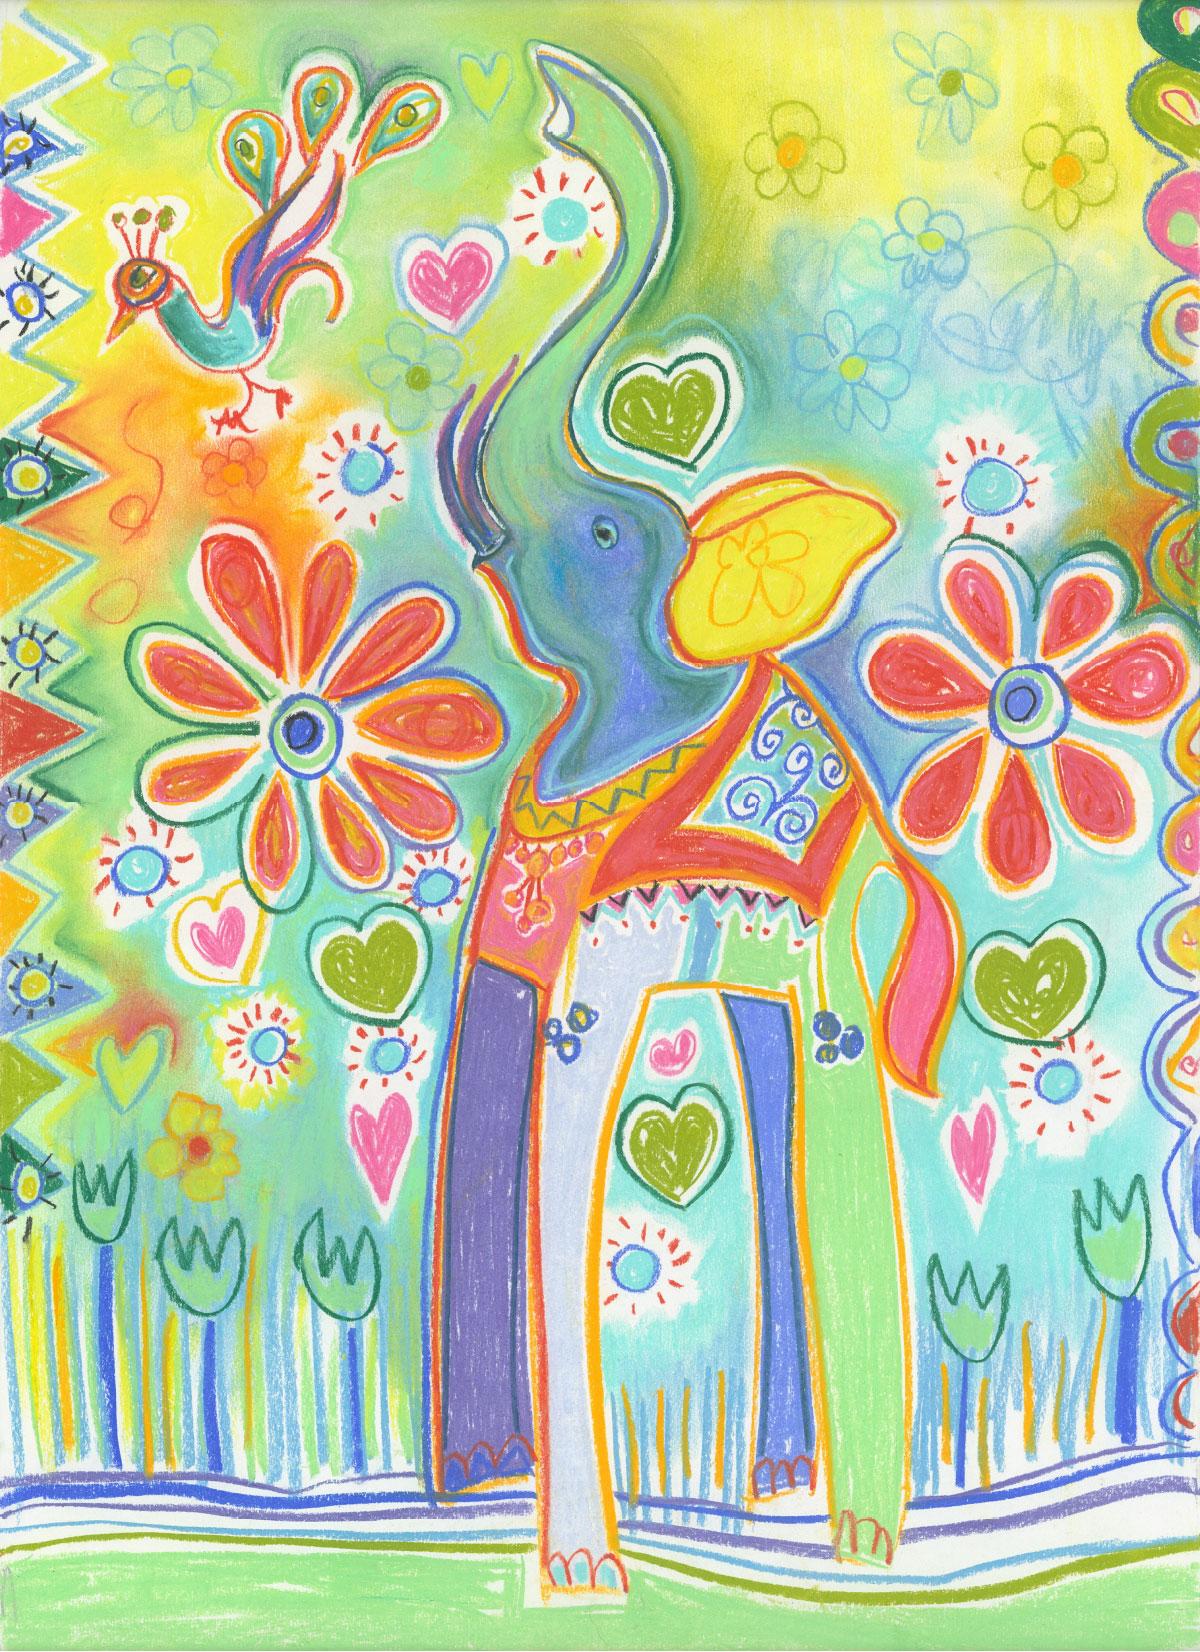 nicola-gibbs-arty-card-elephant.jpg